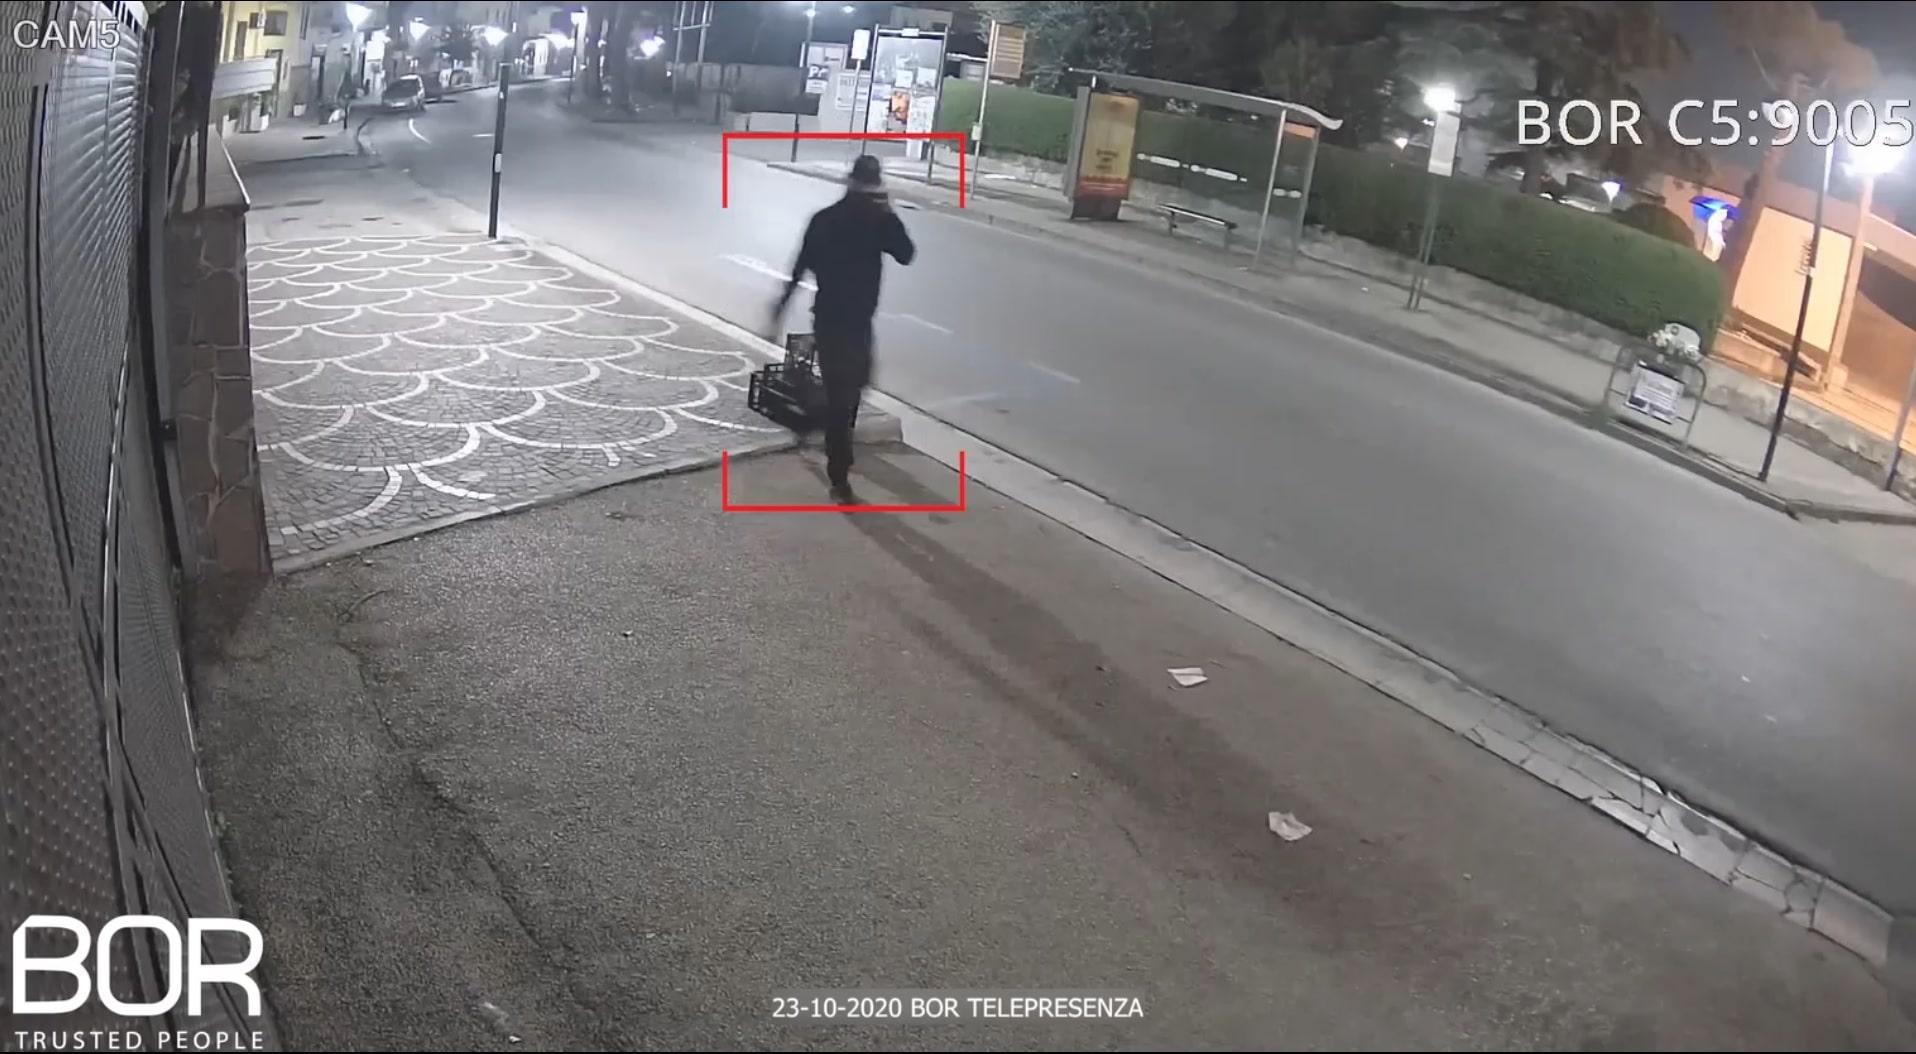 Coprifuoco violato a Volla (NA): tre sospetti sorpresi a girovagare nei pressi di un'abitazione da BOR!